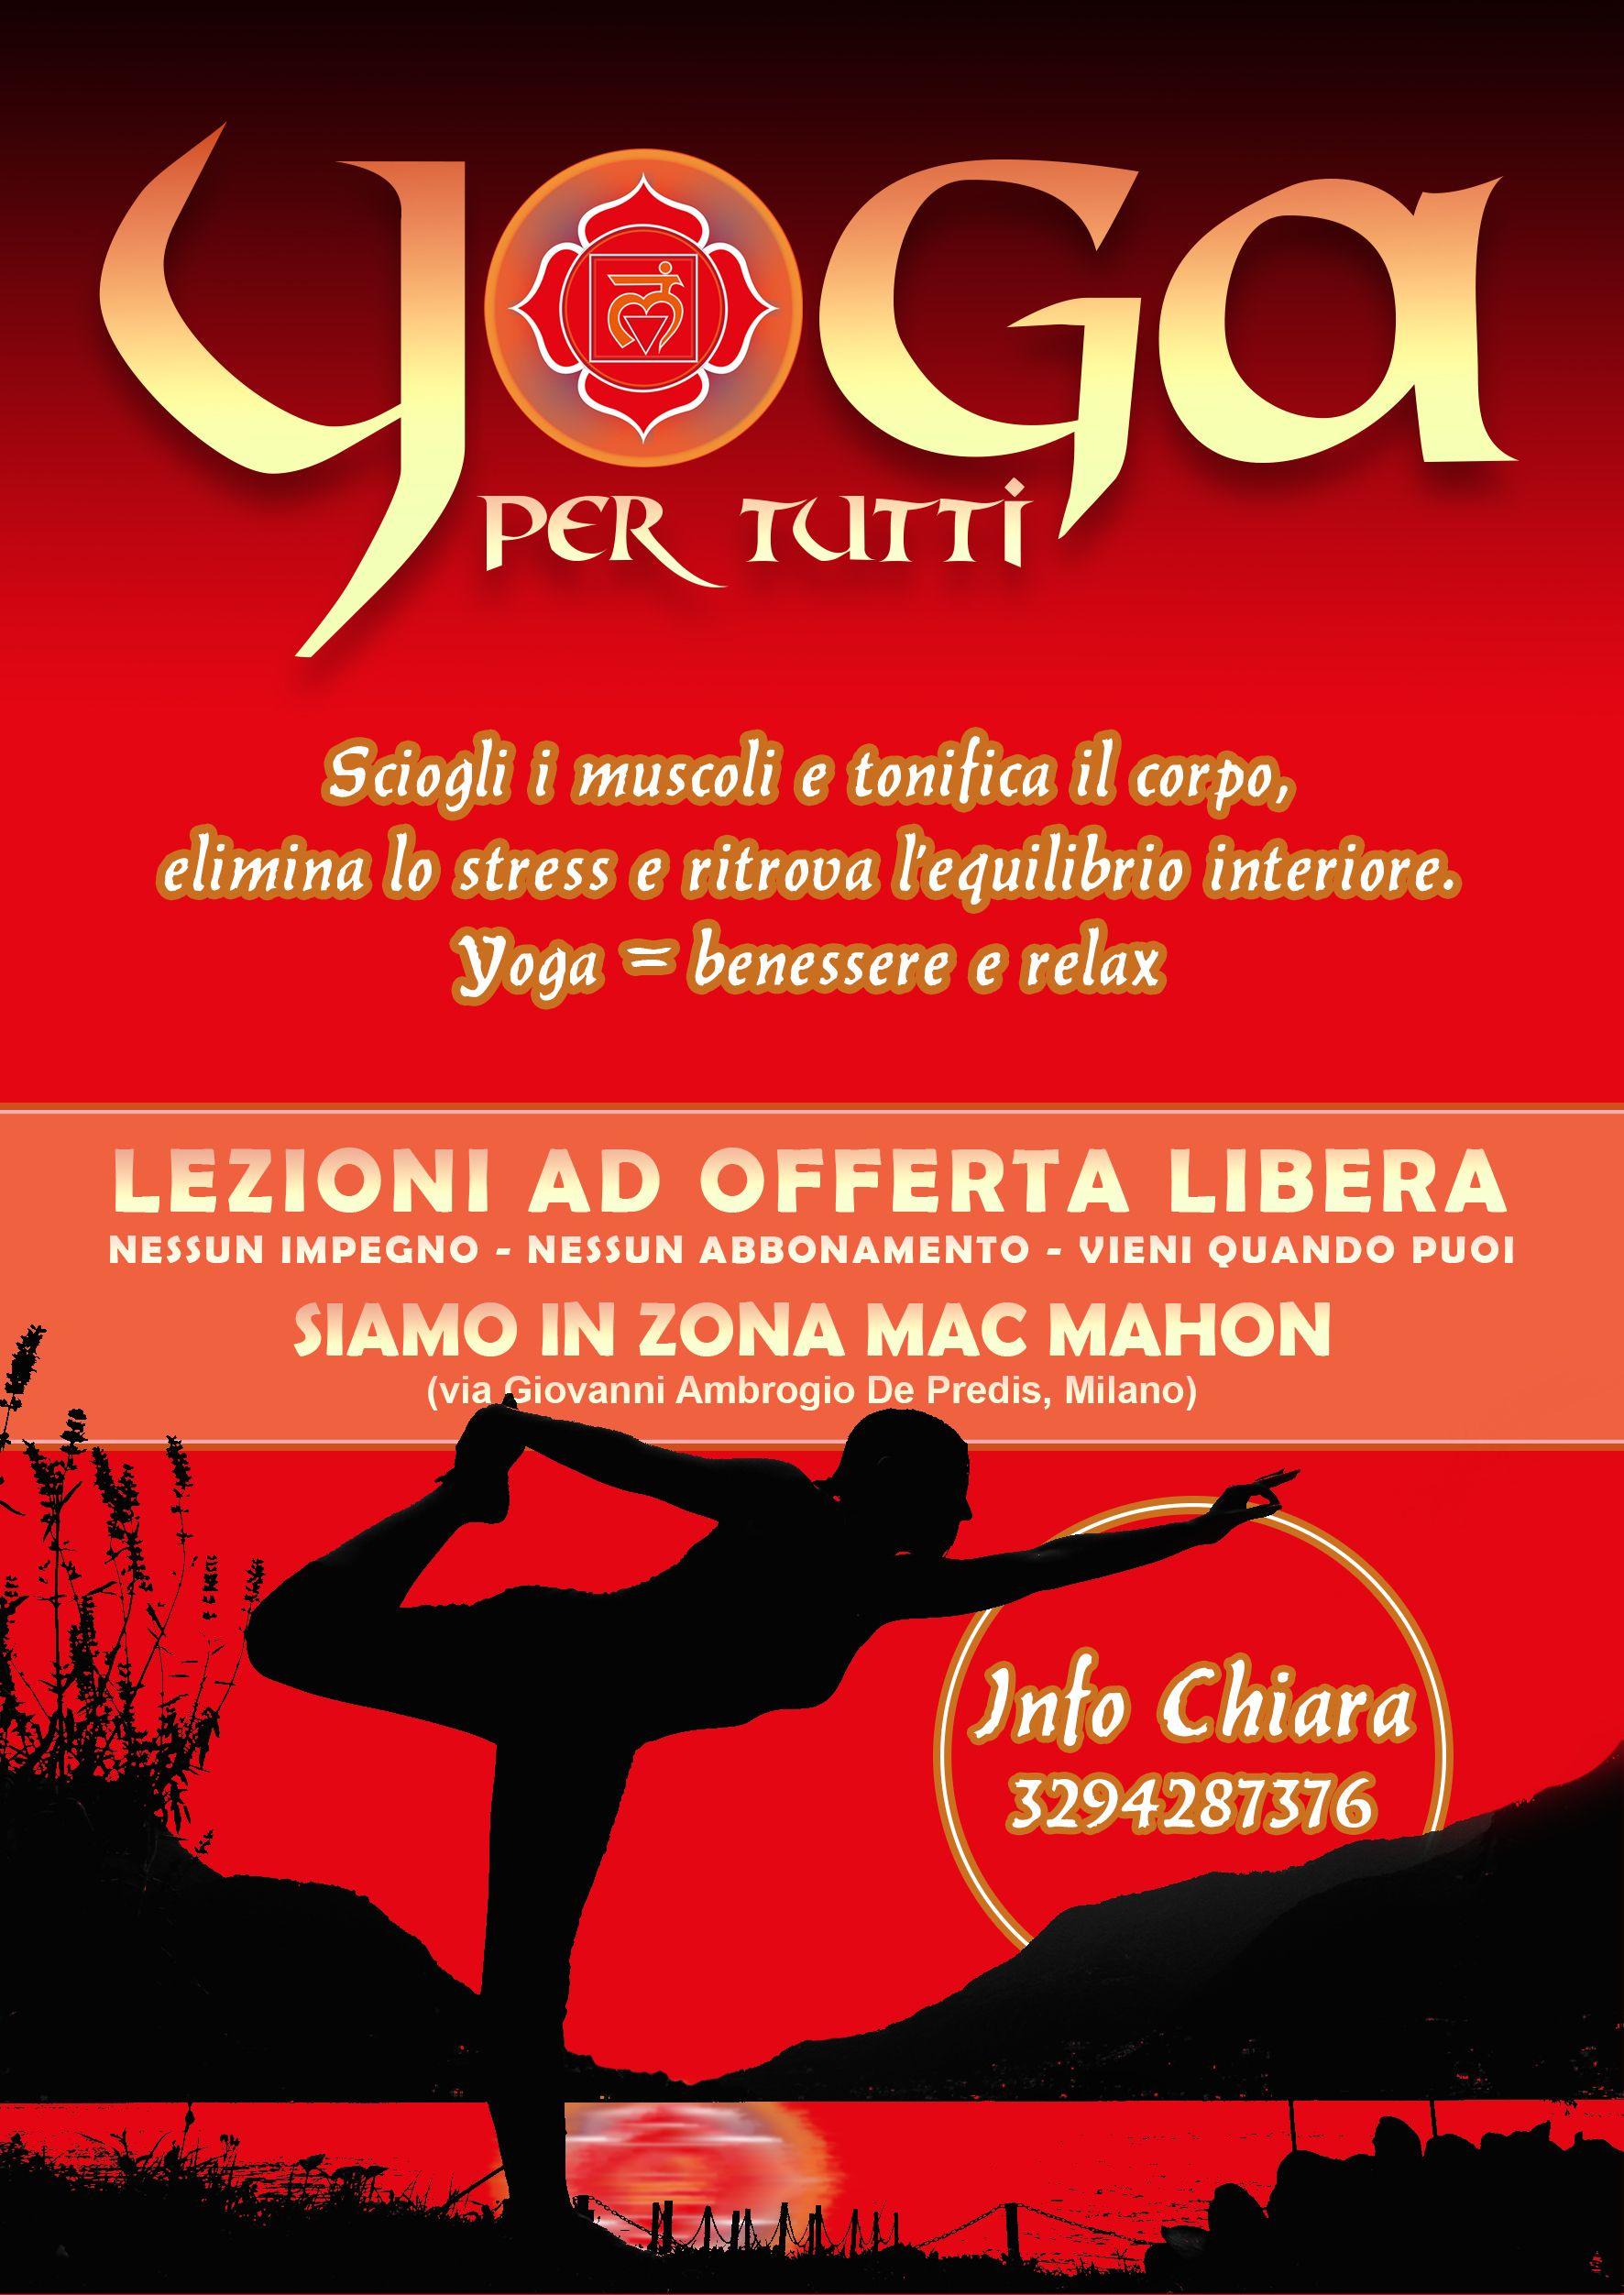 Yoga Per Tutti (offerta libera, zona via Mac Mahon - Milano)